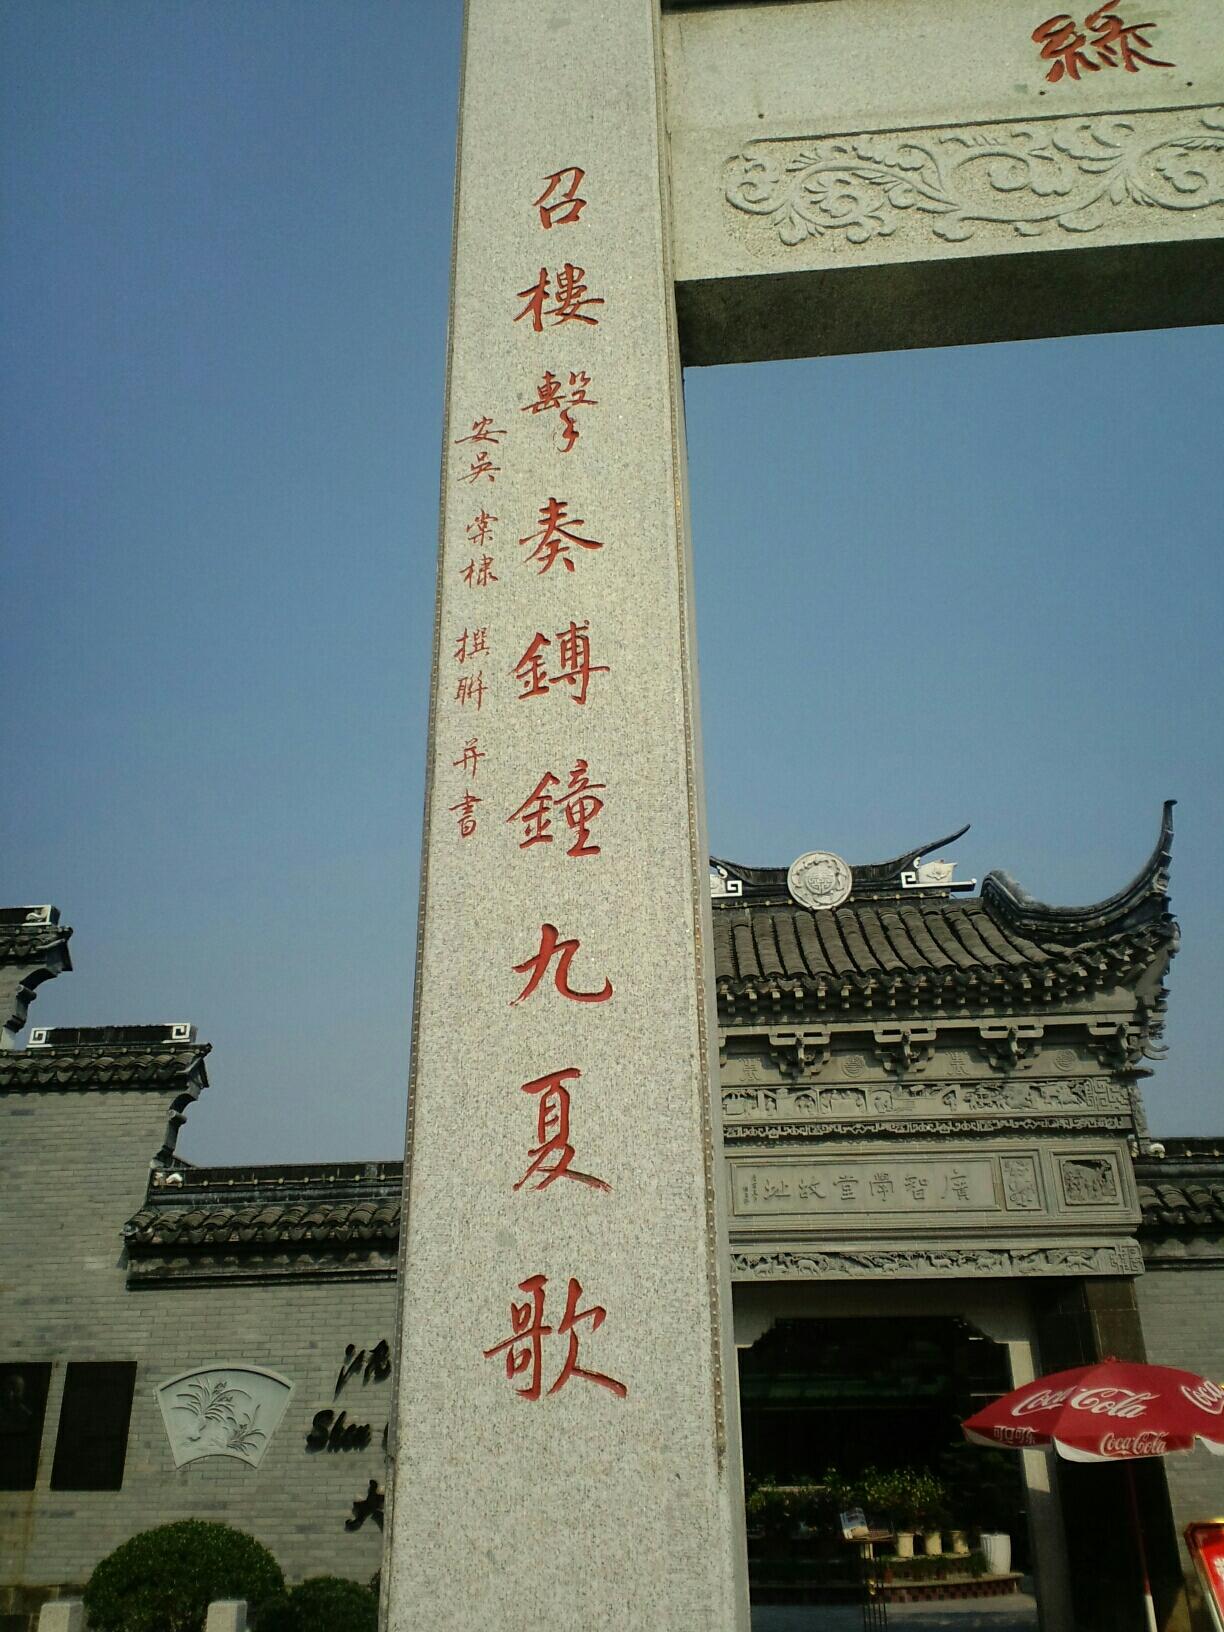 追寻历史的痕迹 :         游古镇召家楼              《习作八》